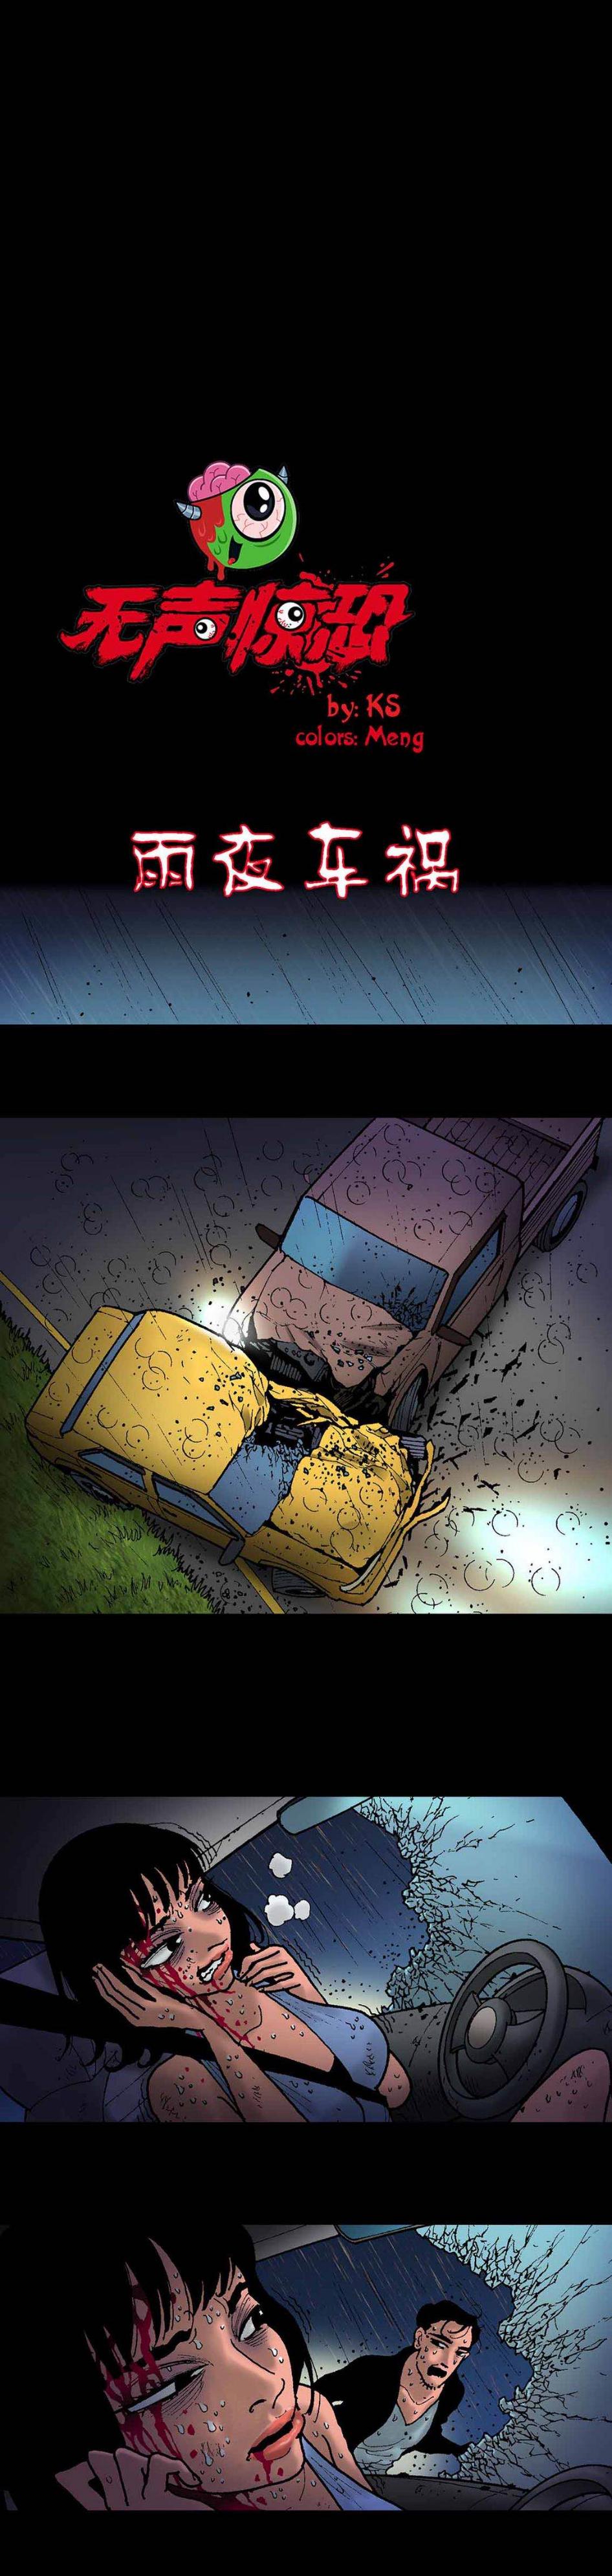 僵尸王漫画:无声恐怖漫画之雨夜车祸